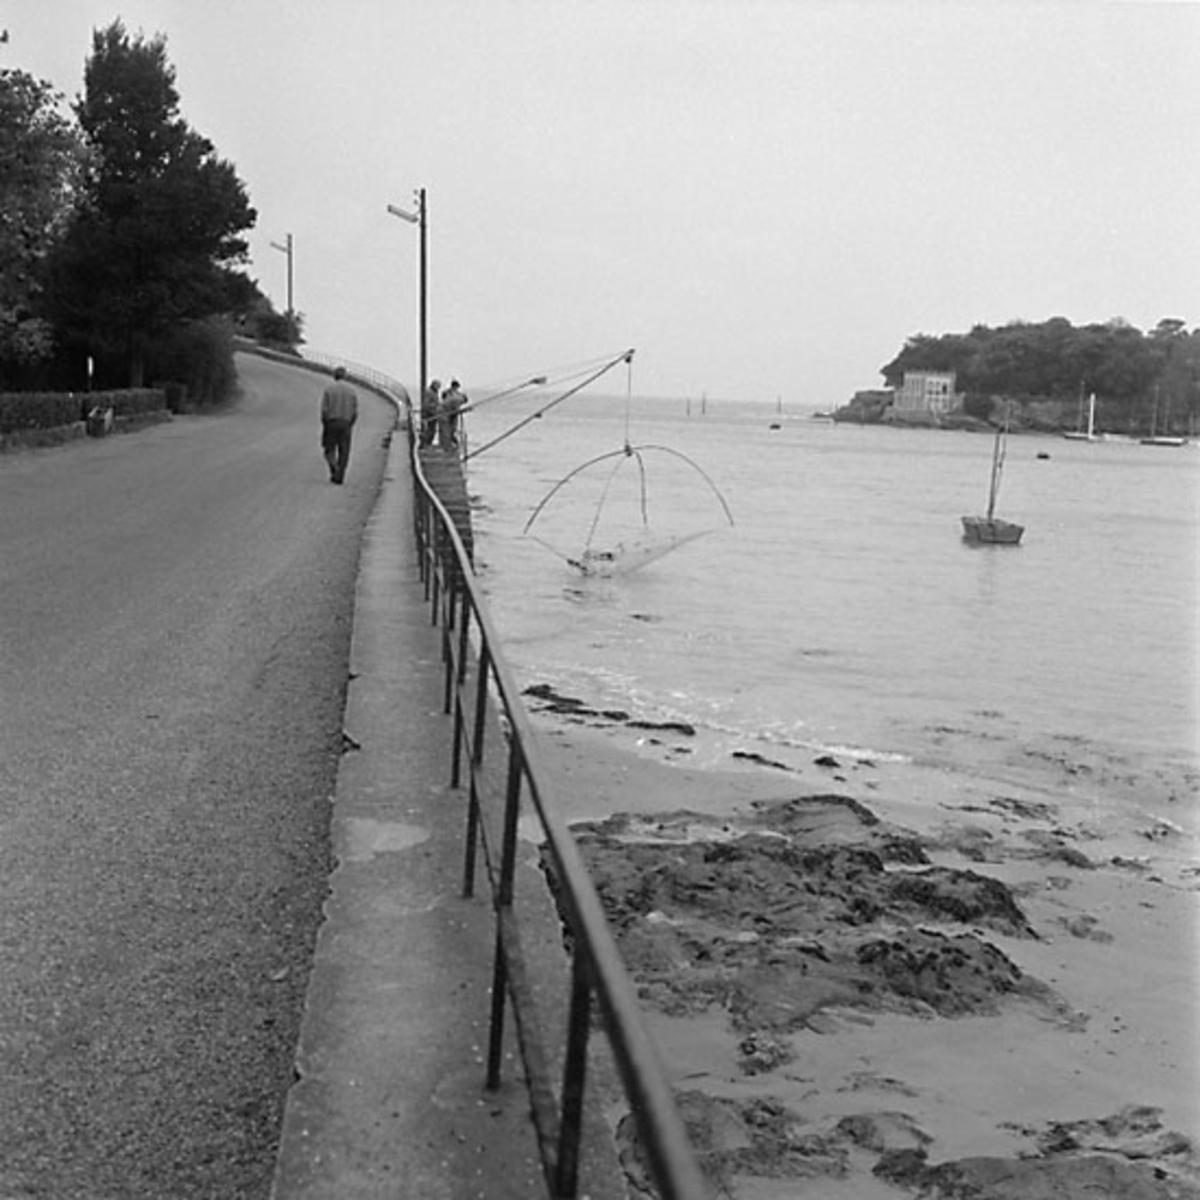 13. Frankrike. Fotojournal finns på B.M.A. + fotoalbum. Samtidigt förvärv: Böcker och arkivmaterial. Foton tagna mellan 1959-10-17 och 1959-10-18. 12 Bilder i serie.